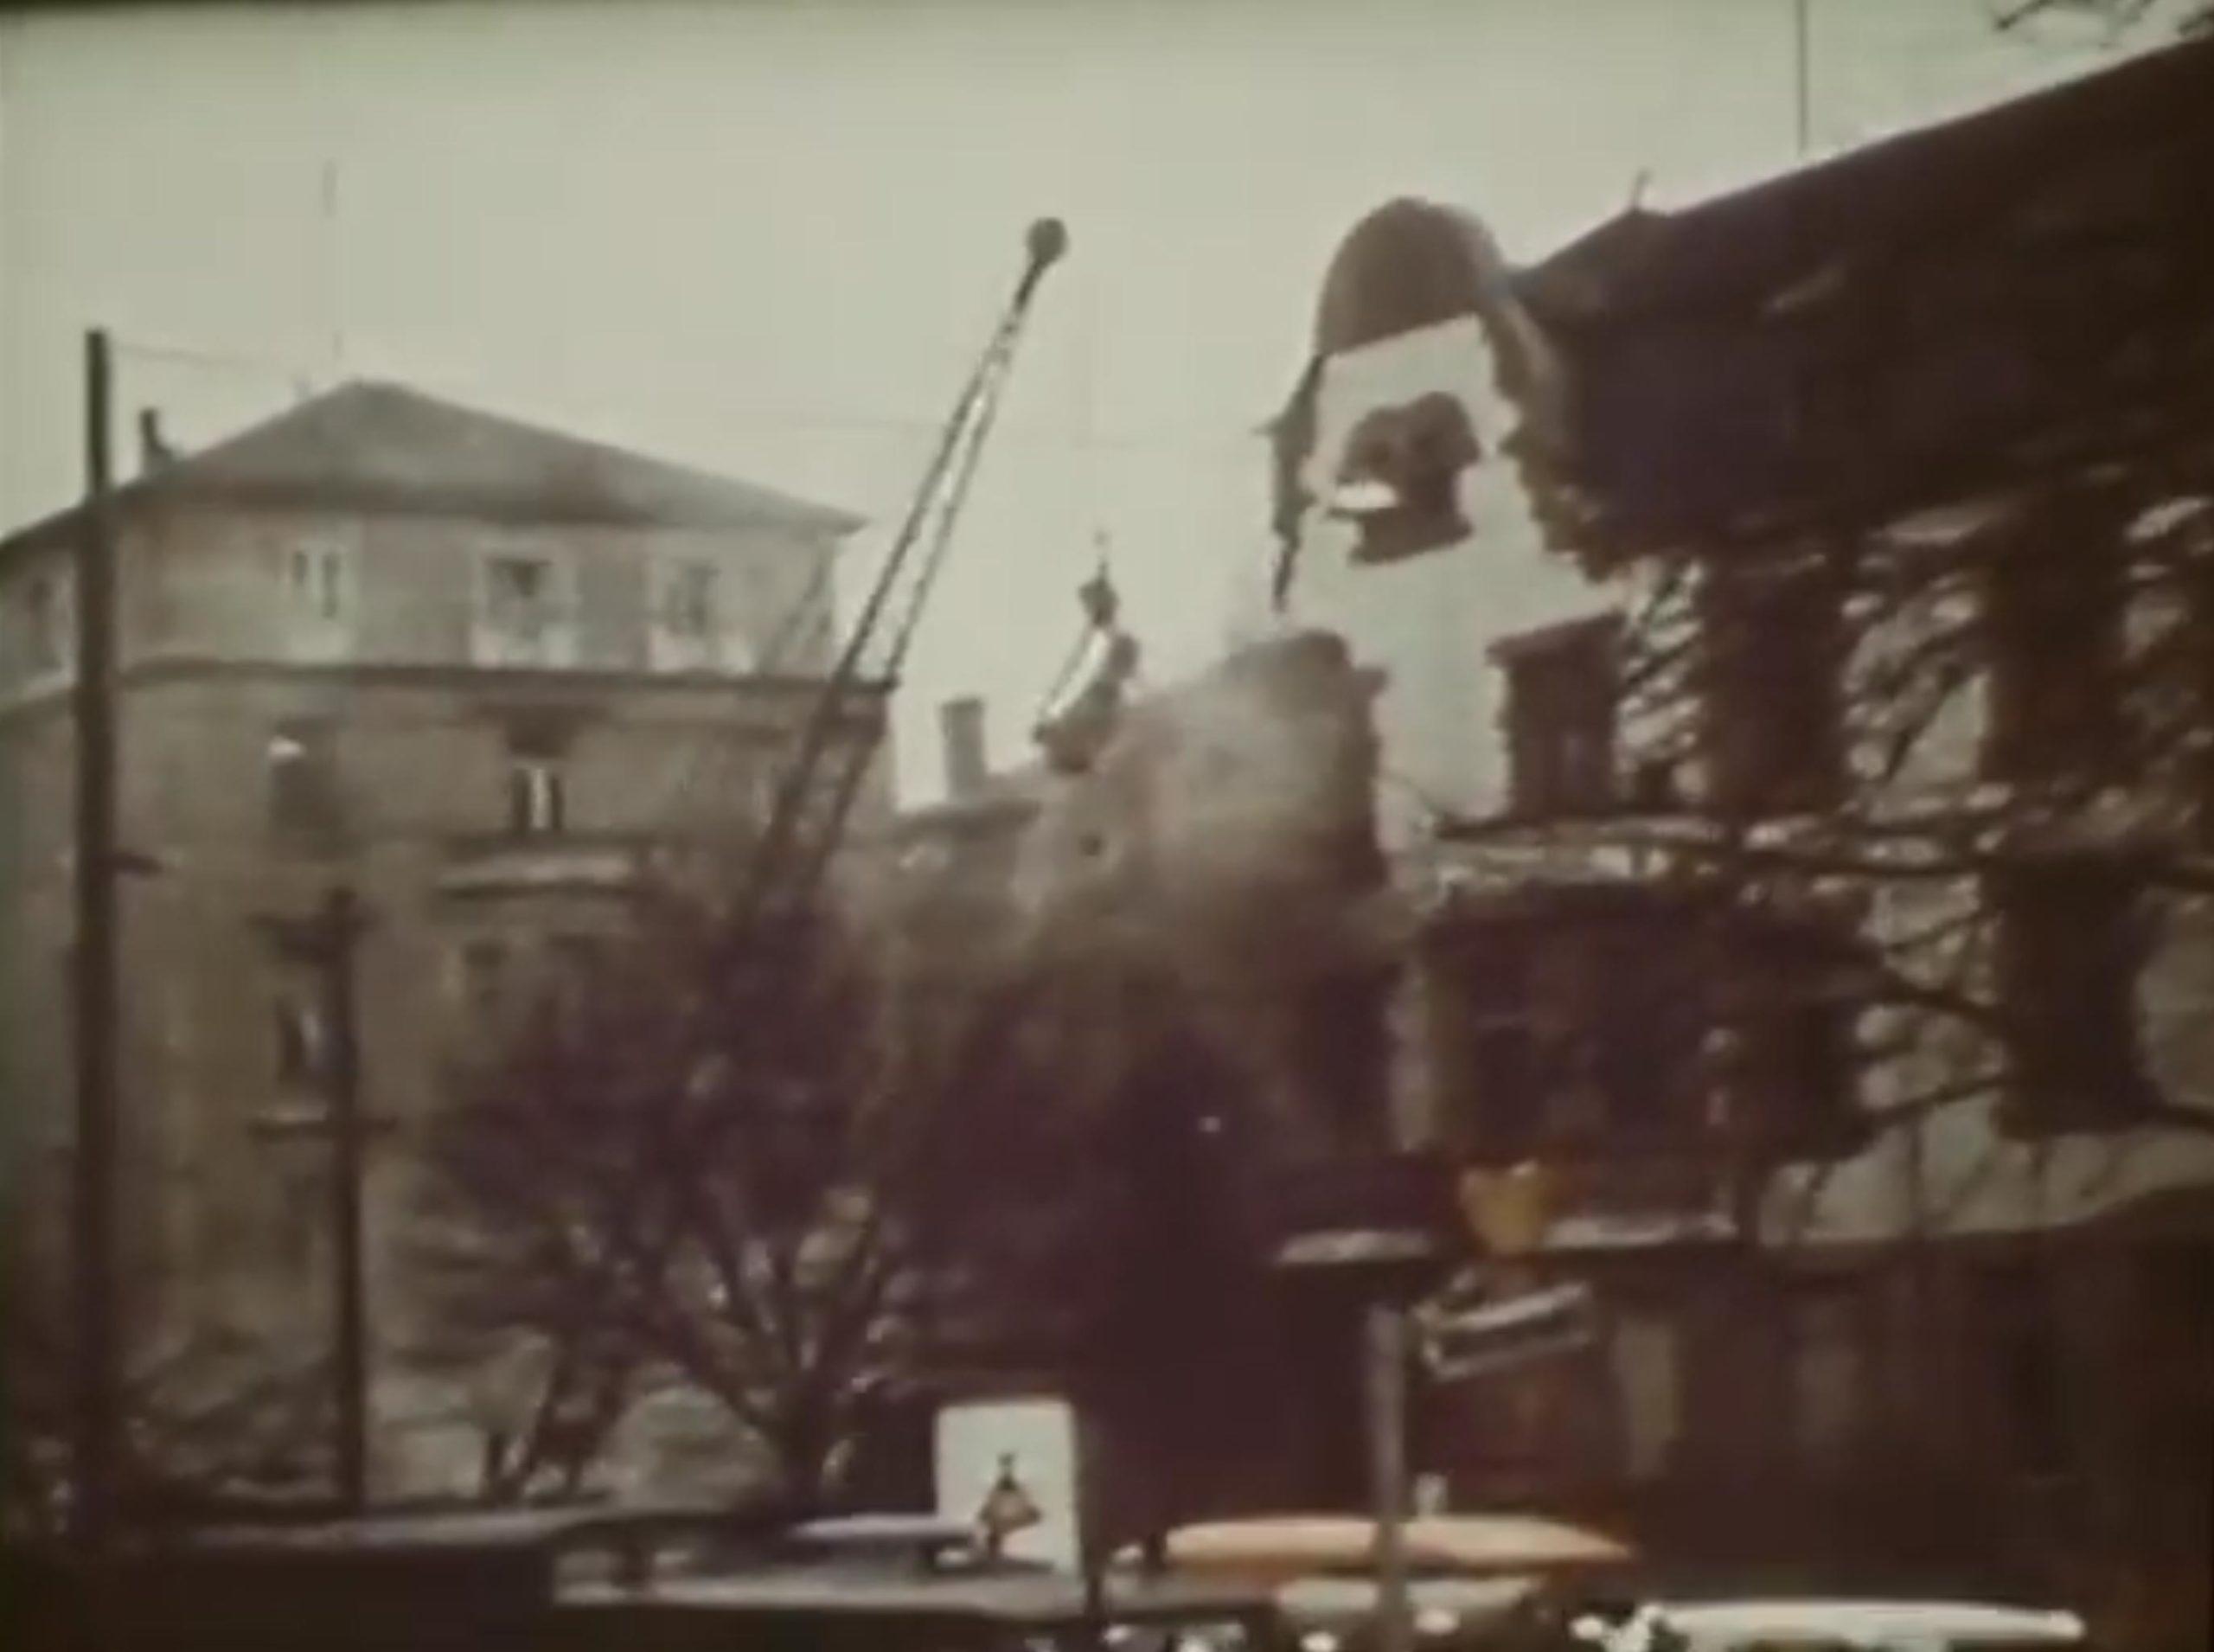 Abriß von historischen Gebäuden im Frankfurter Westend durch Investoren